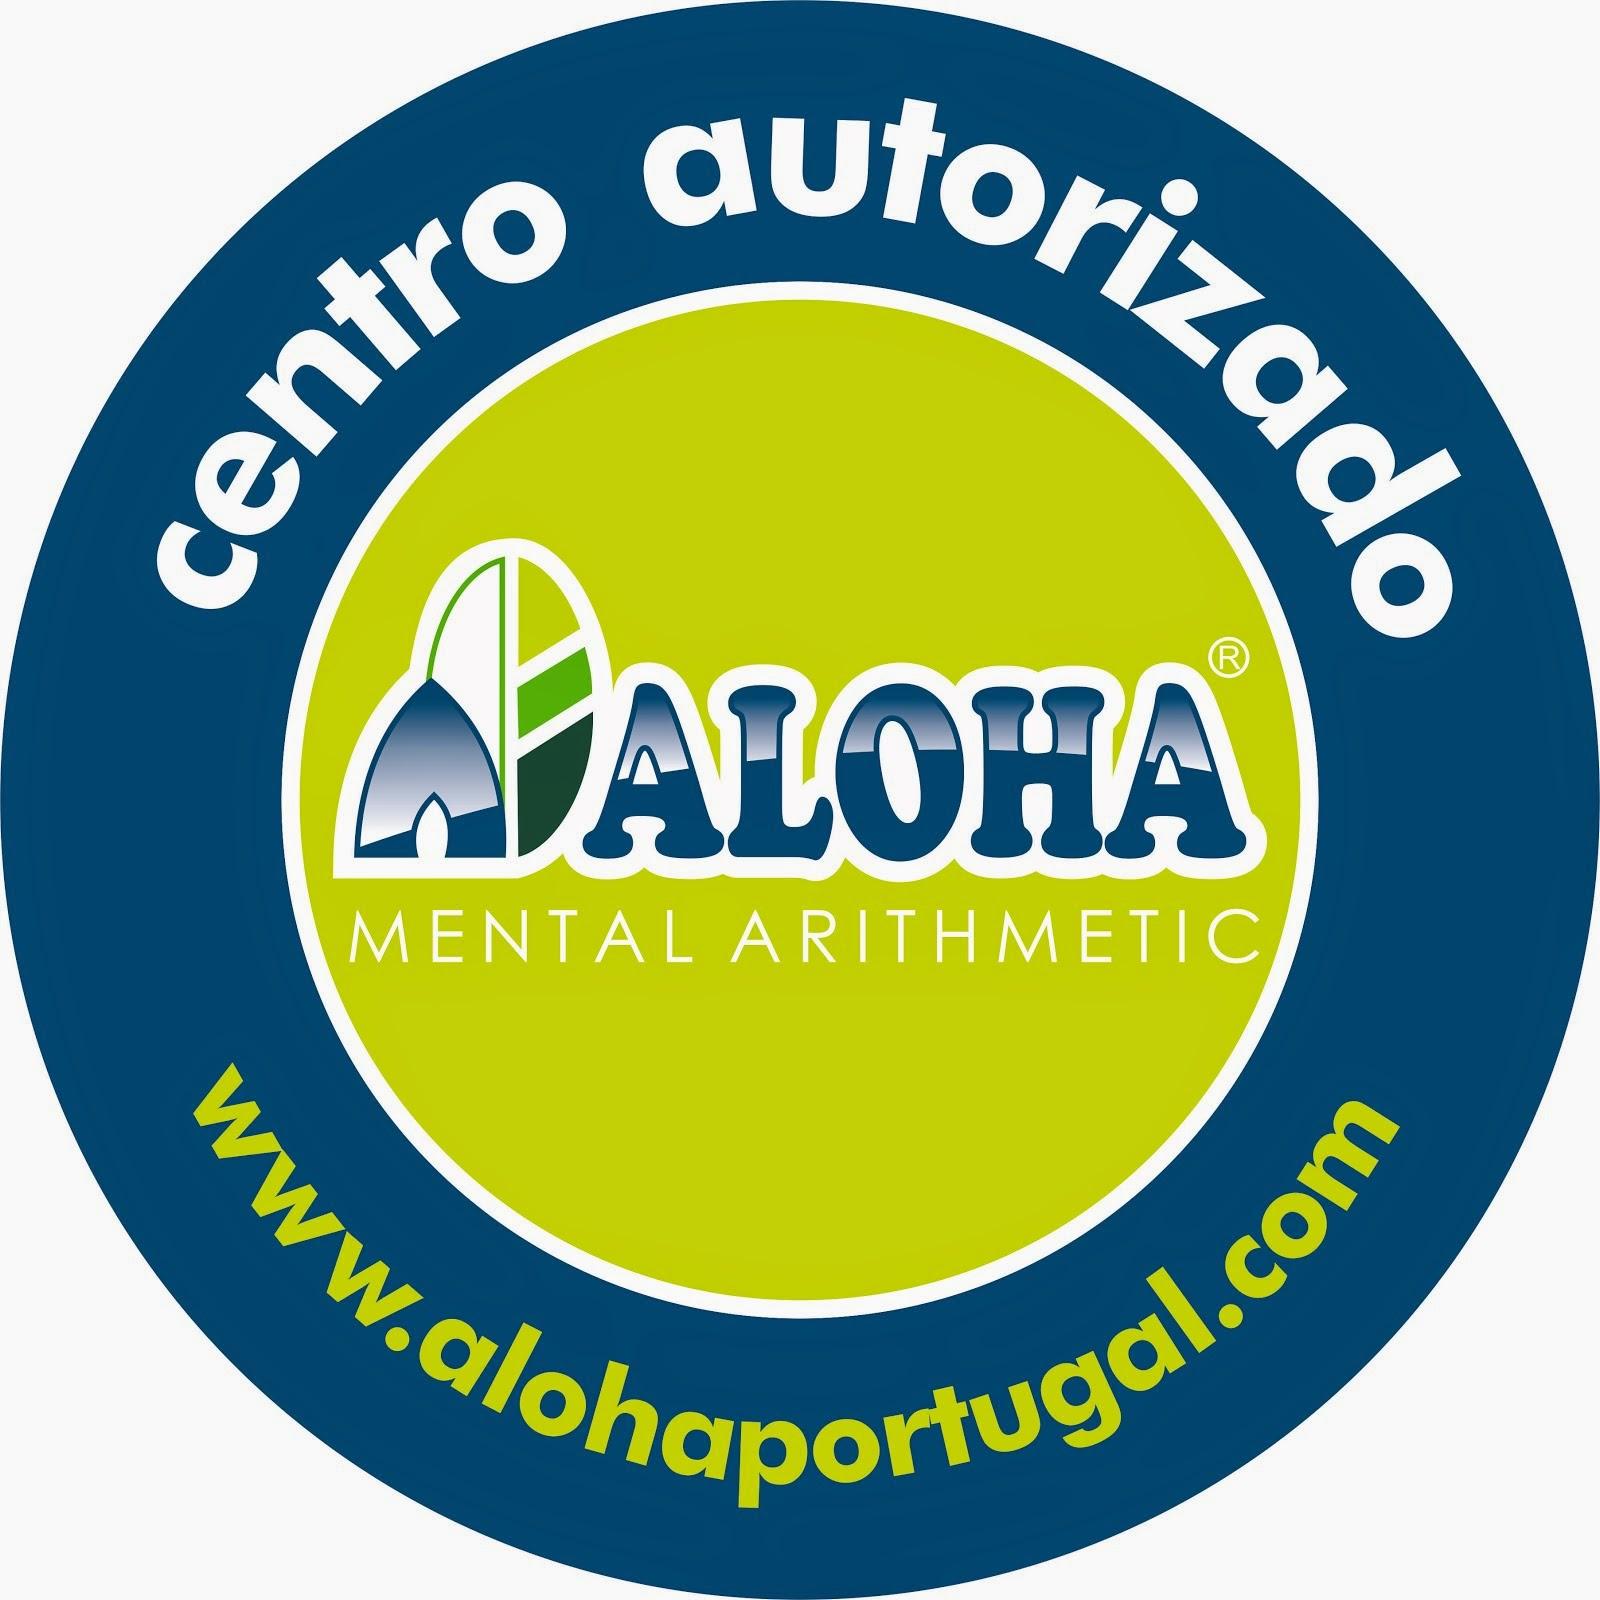 Centro autorizado ALOHA